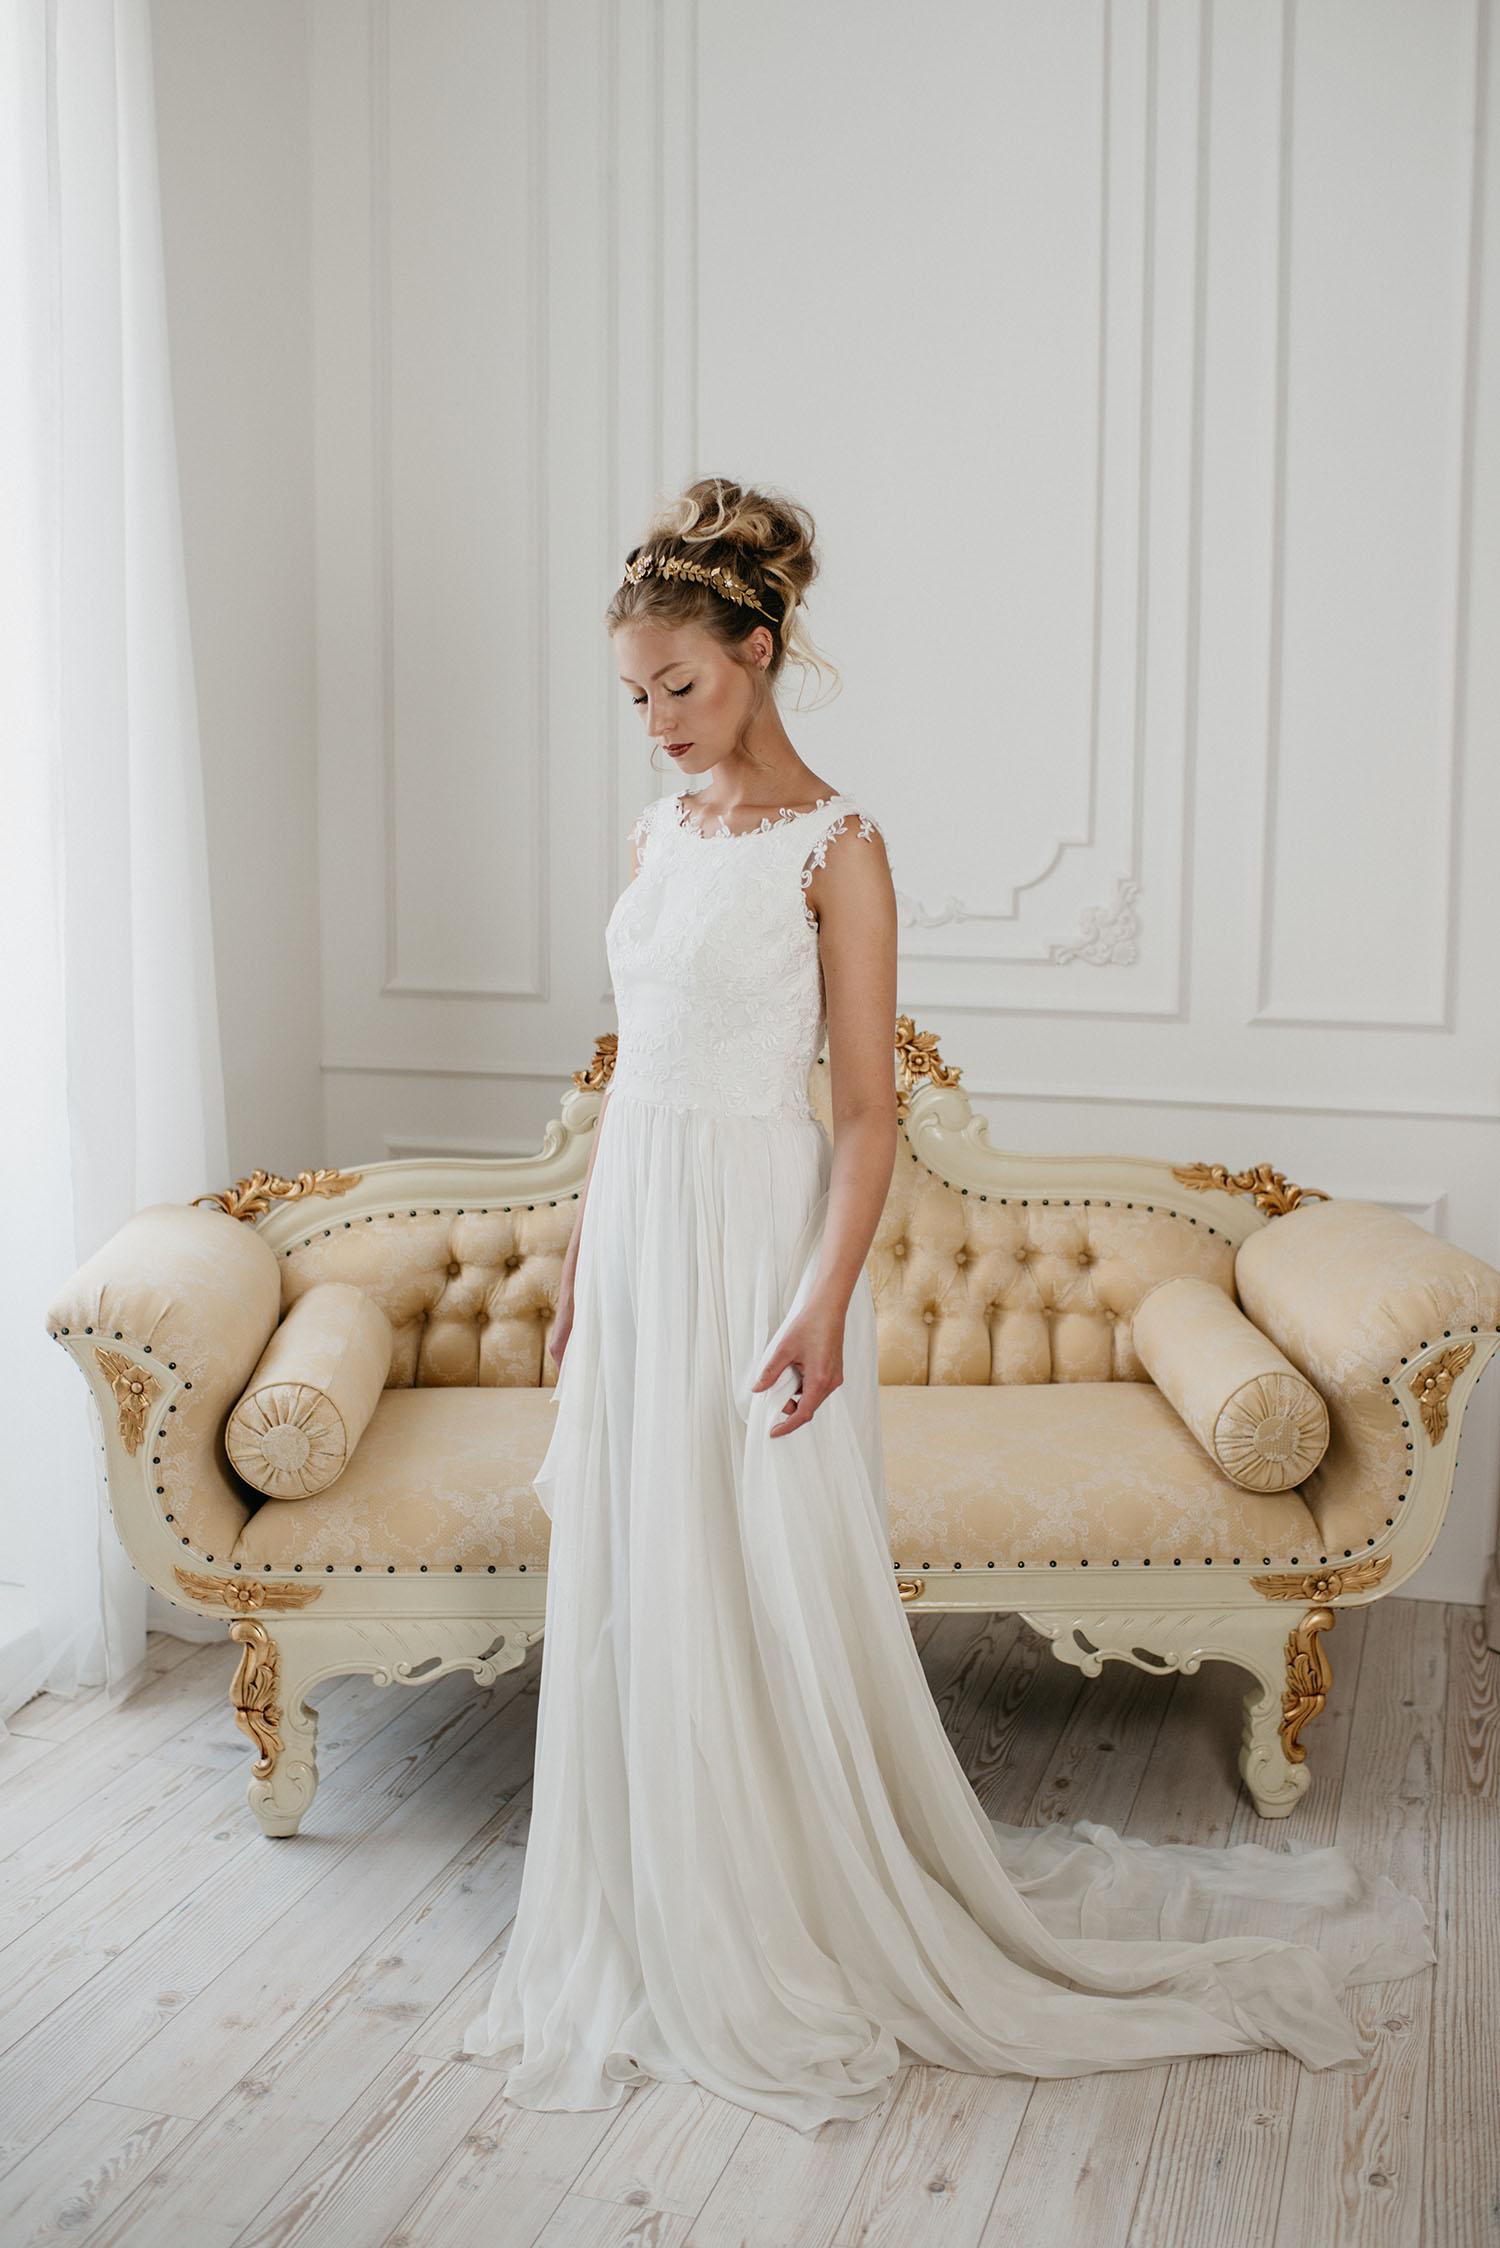 lovestories-wien-hochzeitsfotografen-wien-tirol-bridal-wedding-photography-wewillweddings-11 Hochzeitstipps Teil 1 - Das Getting Ready